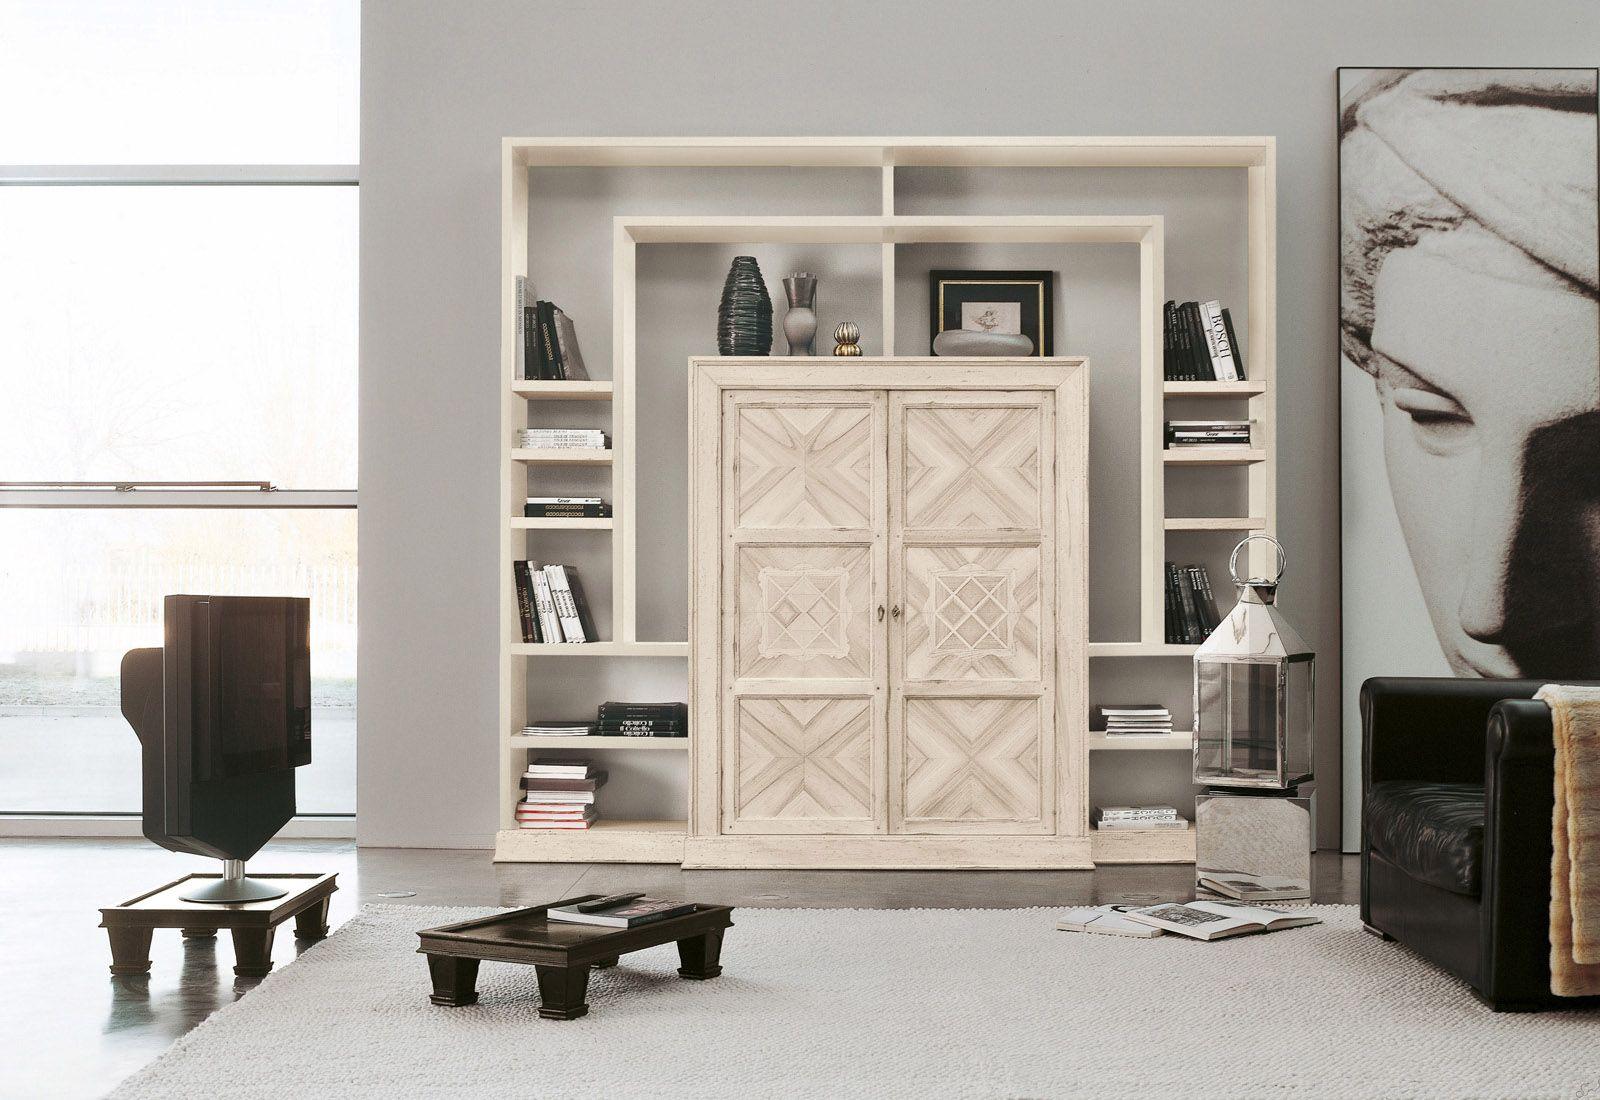 Marchetti mobilificio d'arte s.p.a. - Modular bookcase with inlaid doors